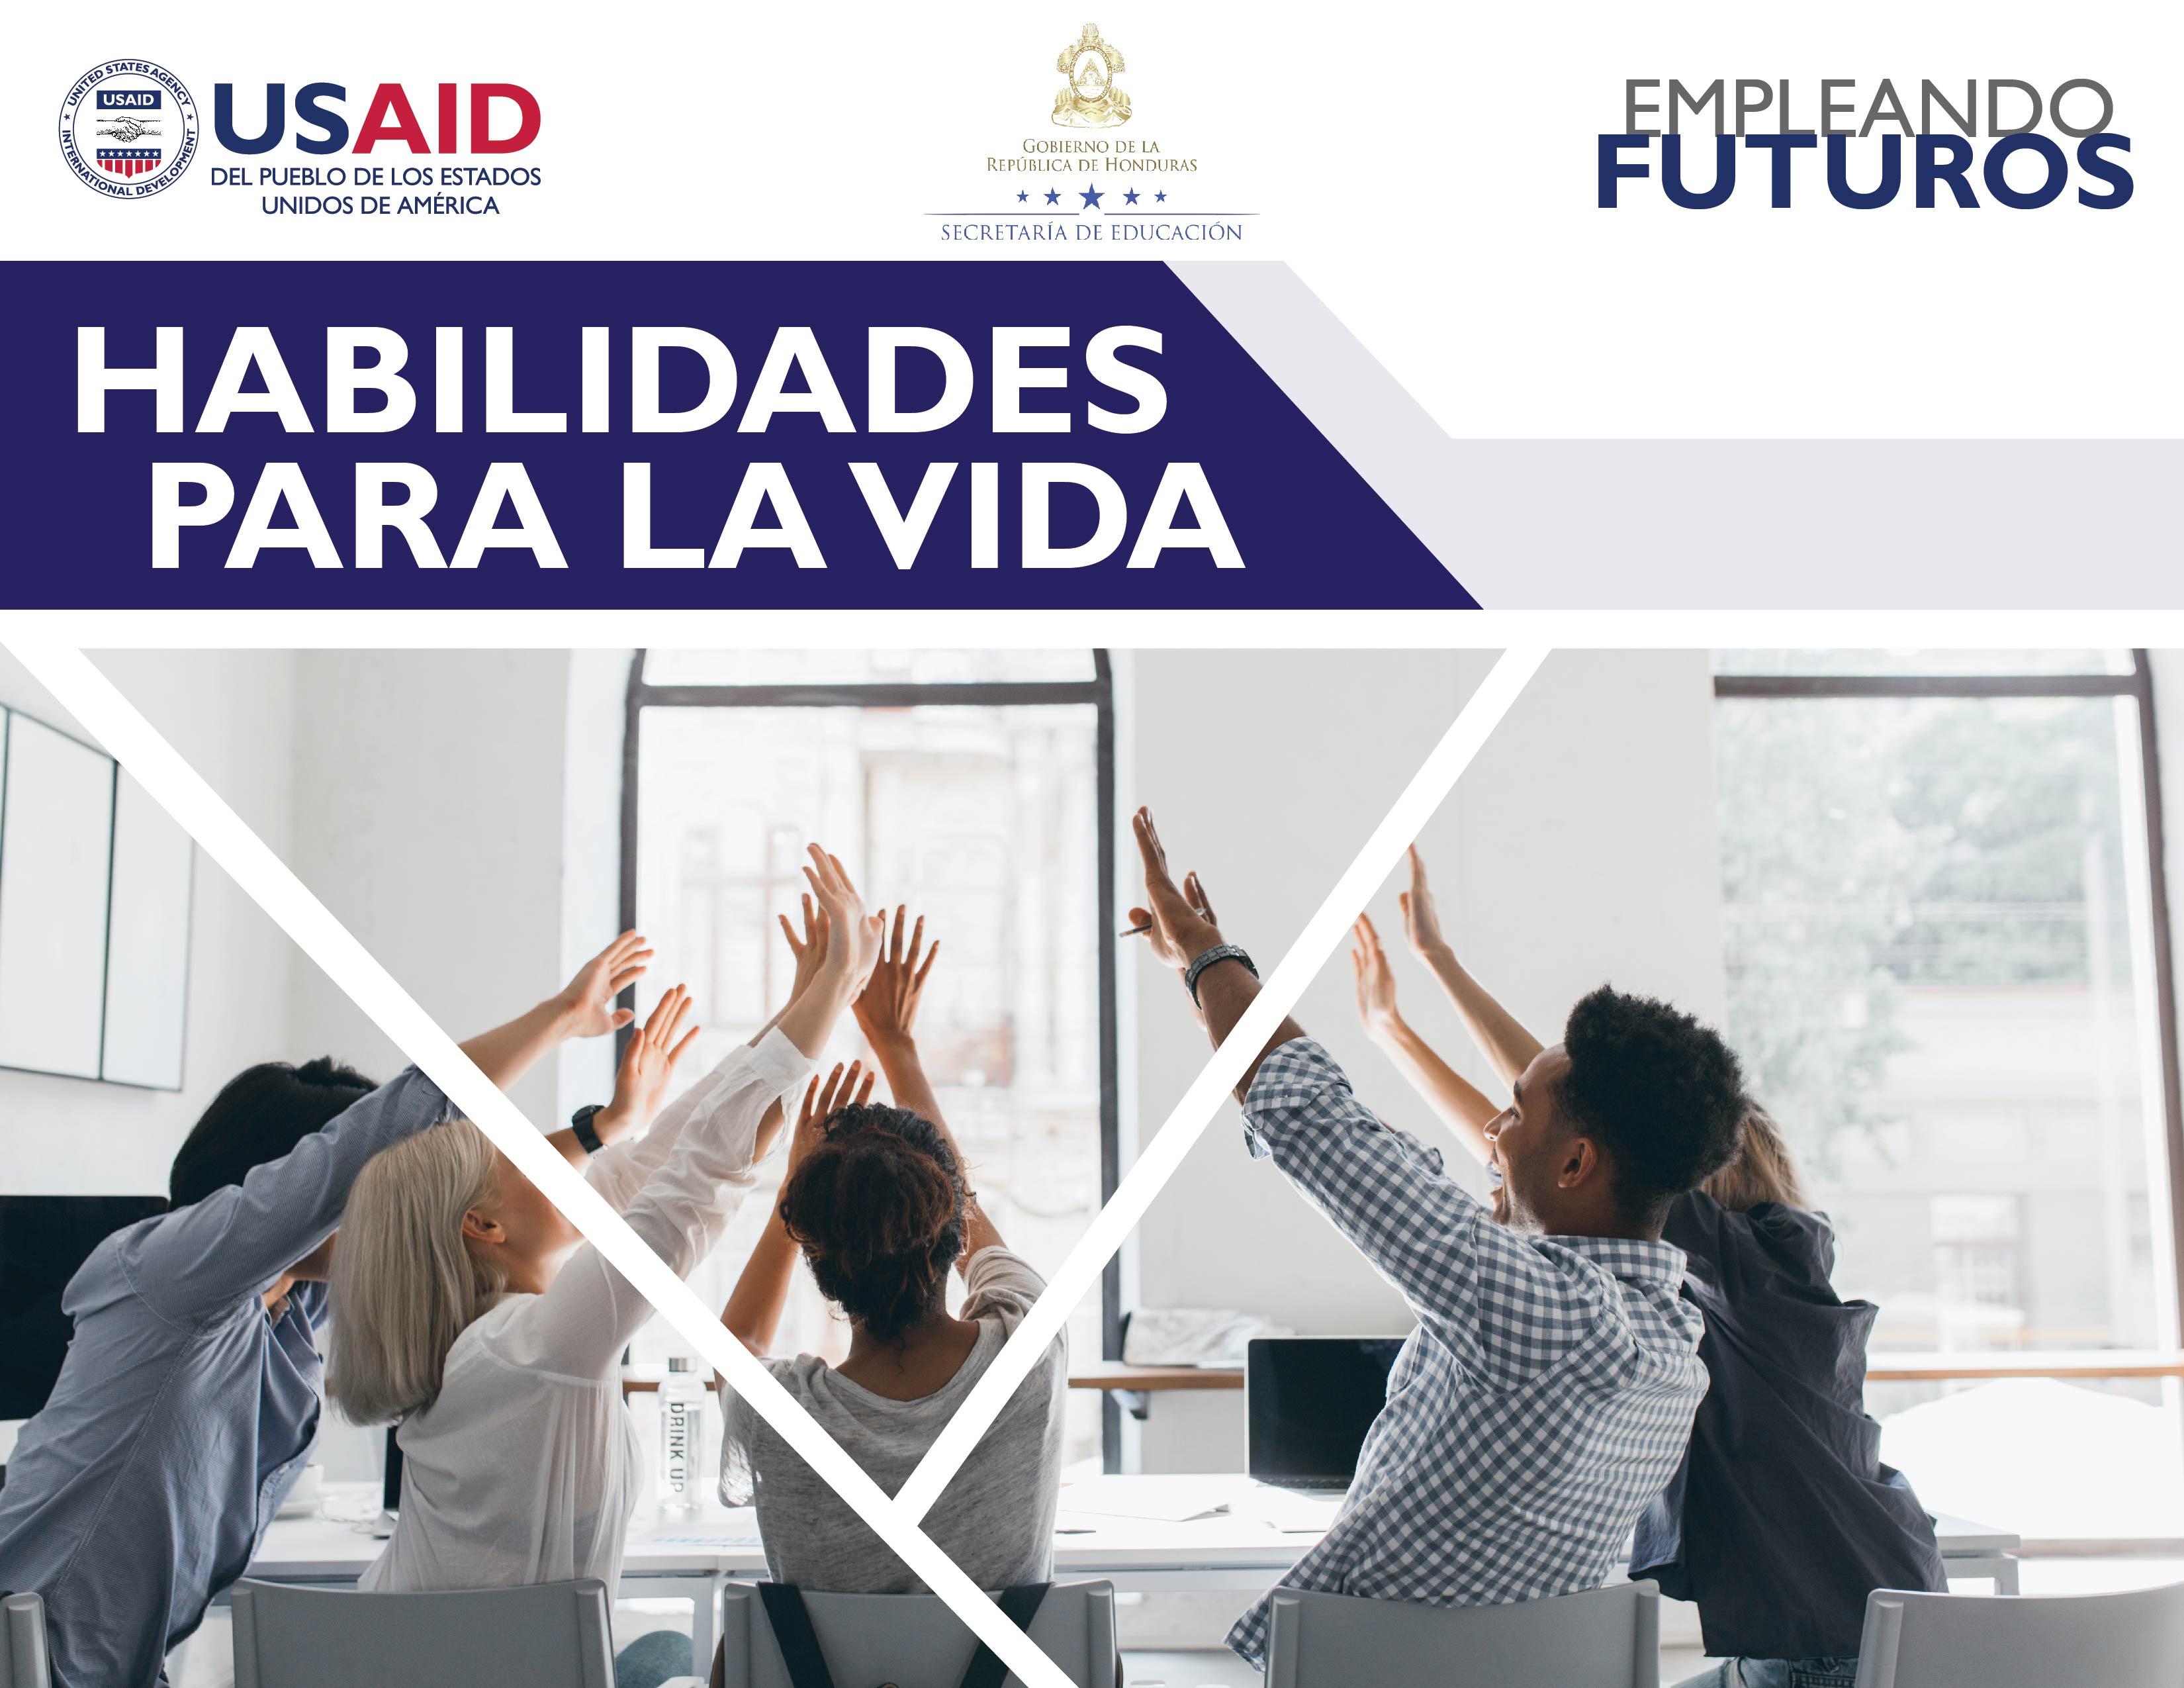 Habilidades para la vida 2021-02